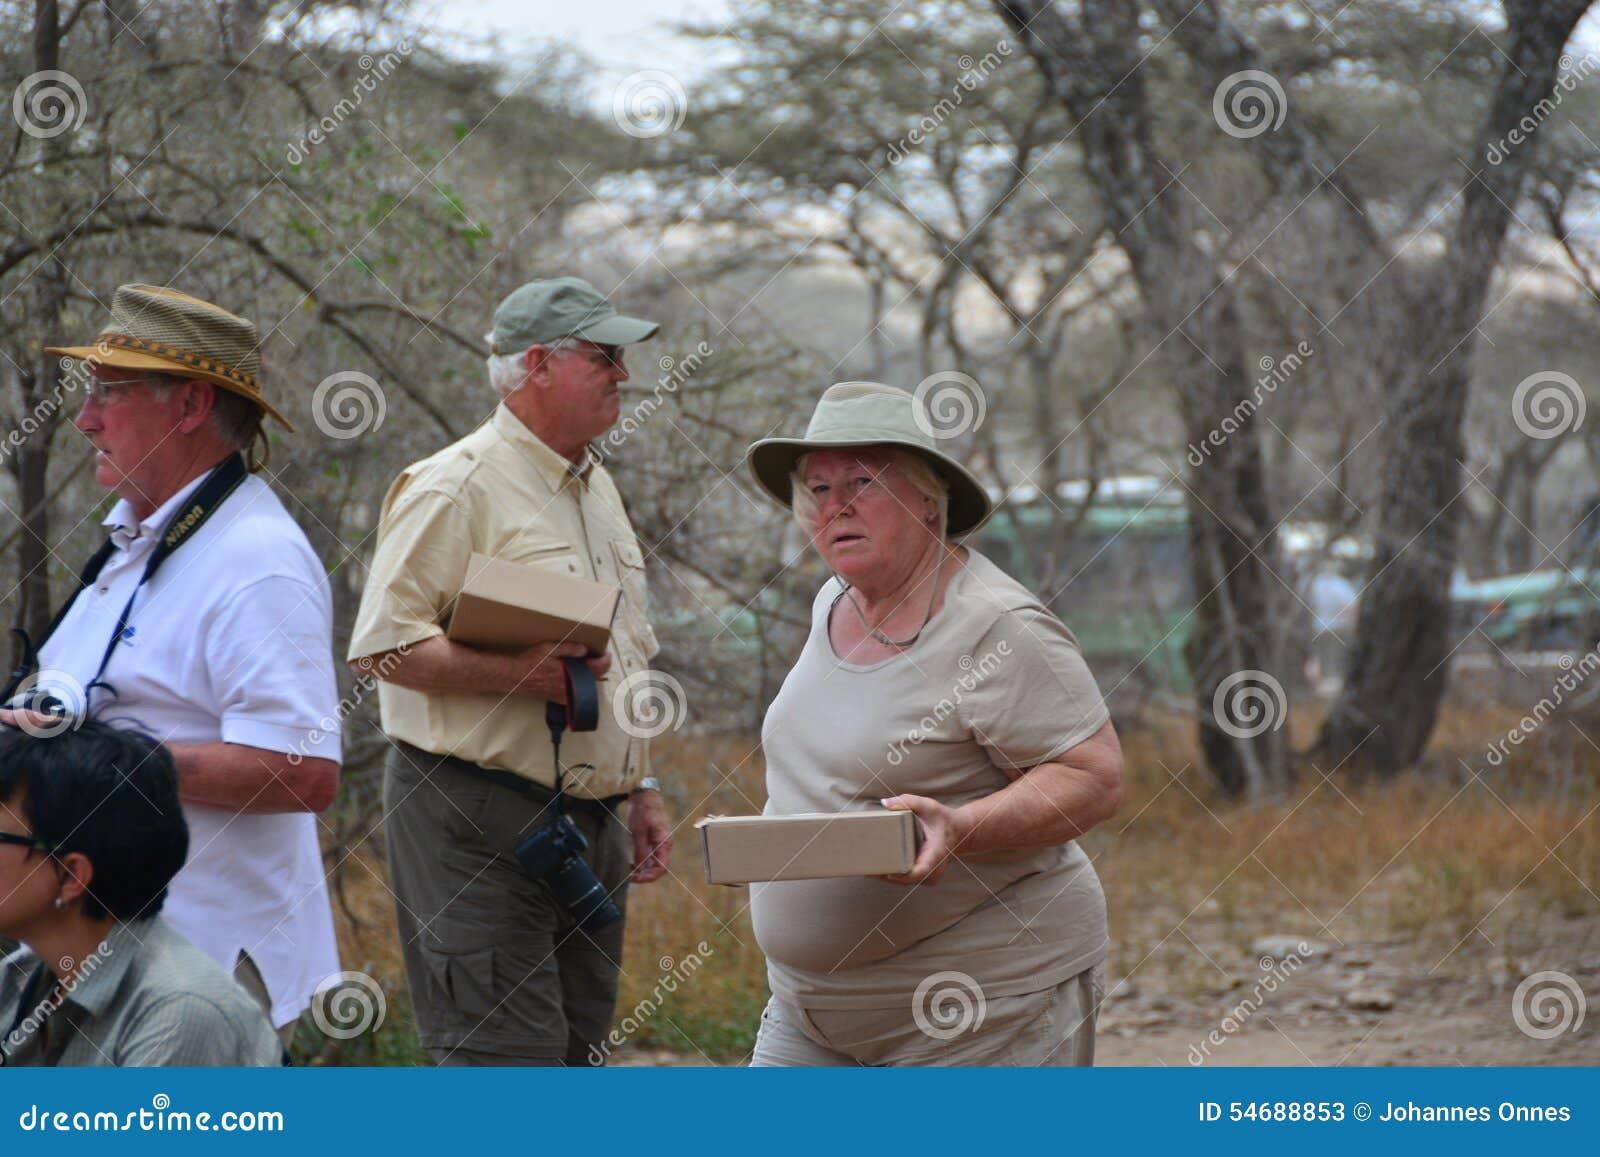 mortagne-sur-sèvre rencontre femme 60 ans